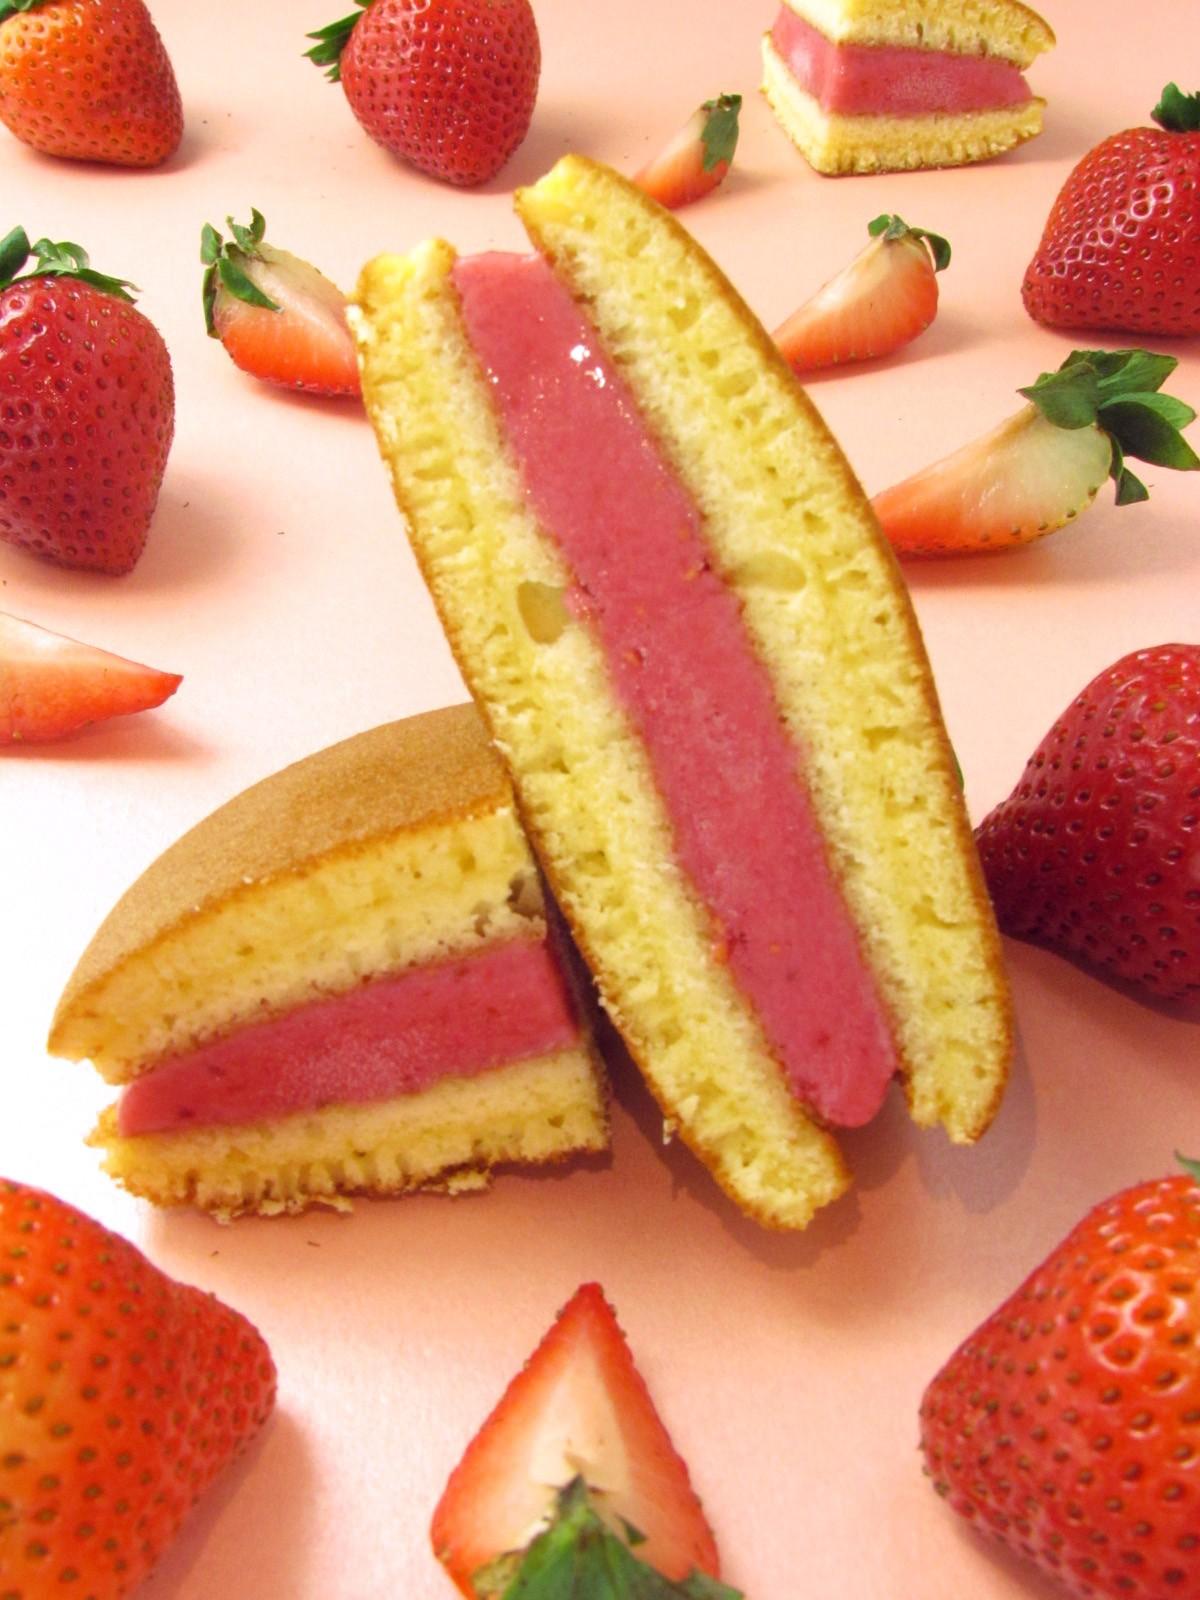 珍崎冰沁燒(銅鑼燒冰淇淋)-森林雙莓果口味    #蛋奶素#草莓#覆盆子#銅鑼燒